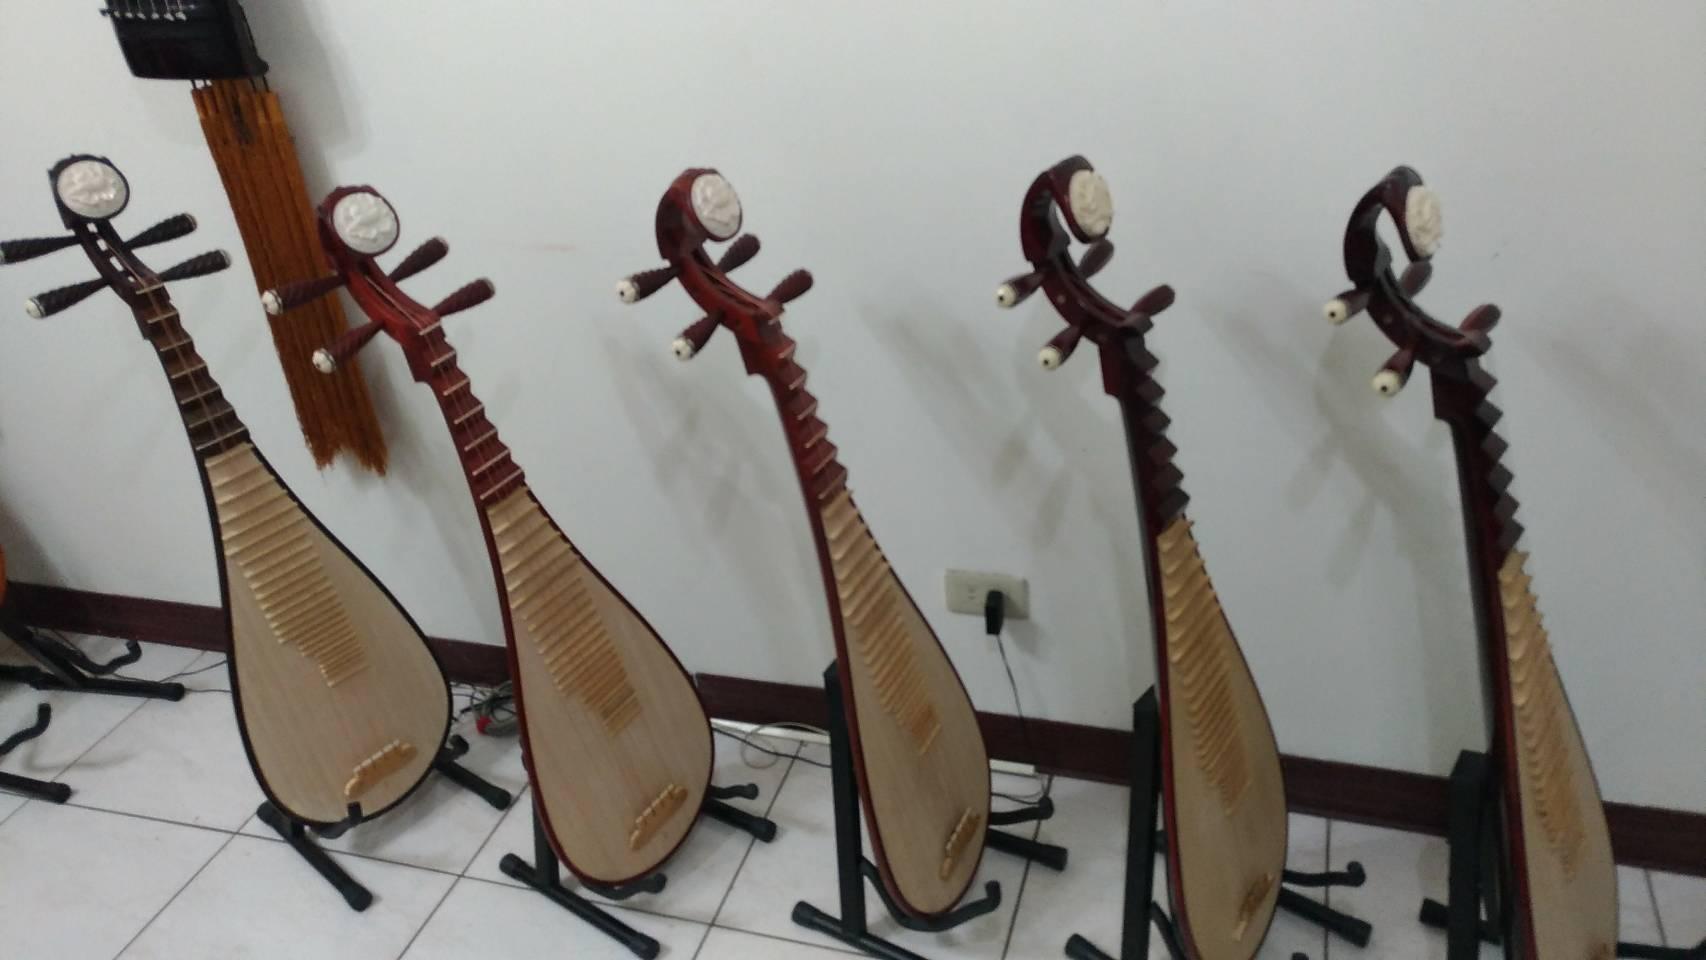 學琵琶之前必看的5個重點,琵琶教學懶人包 – 幽蘭彈撥